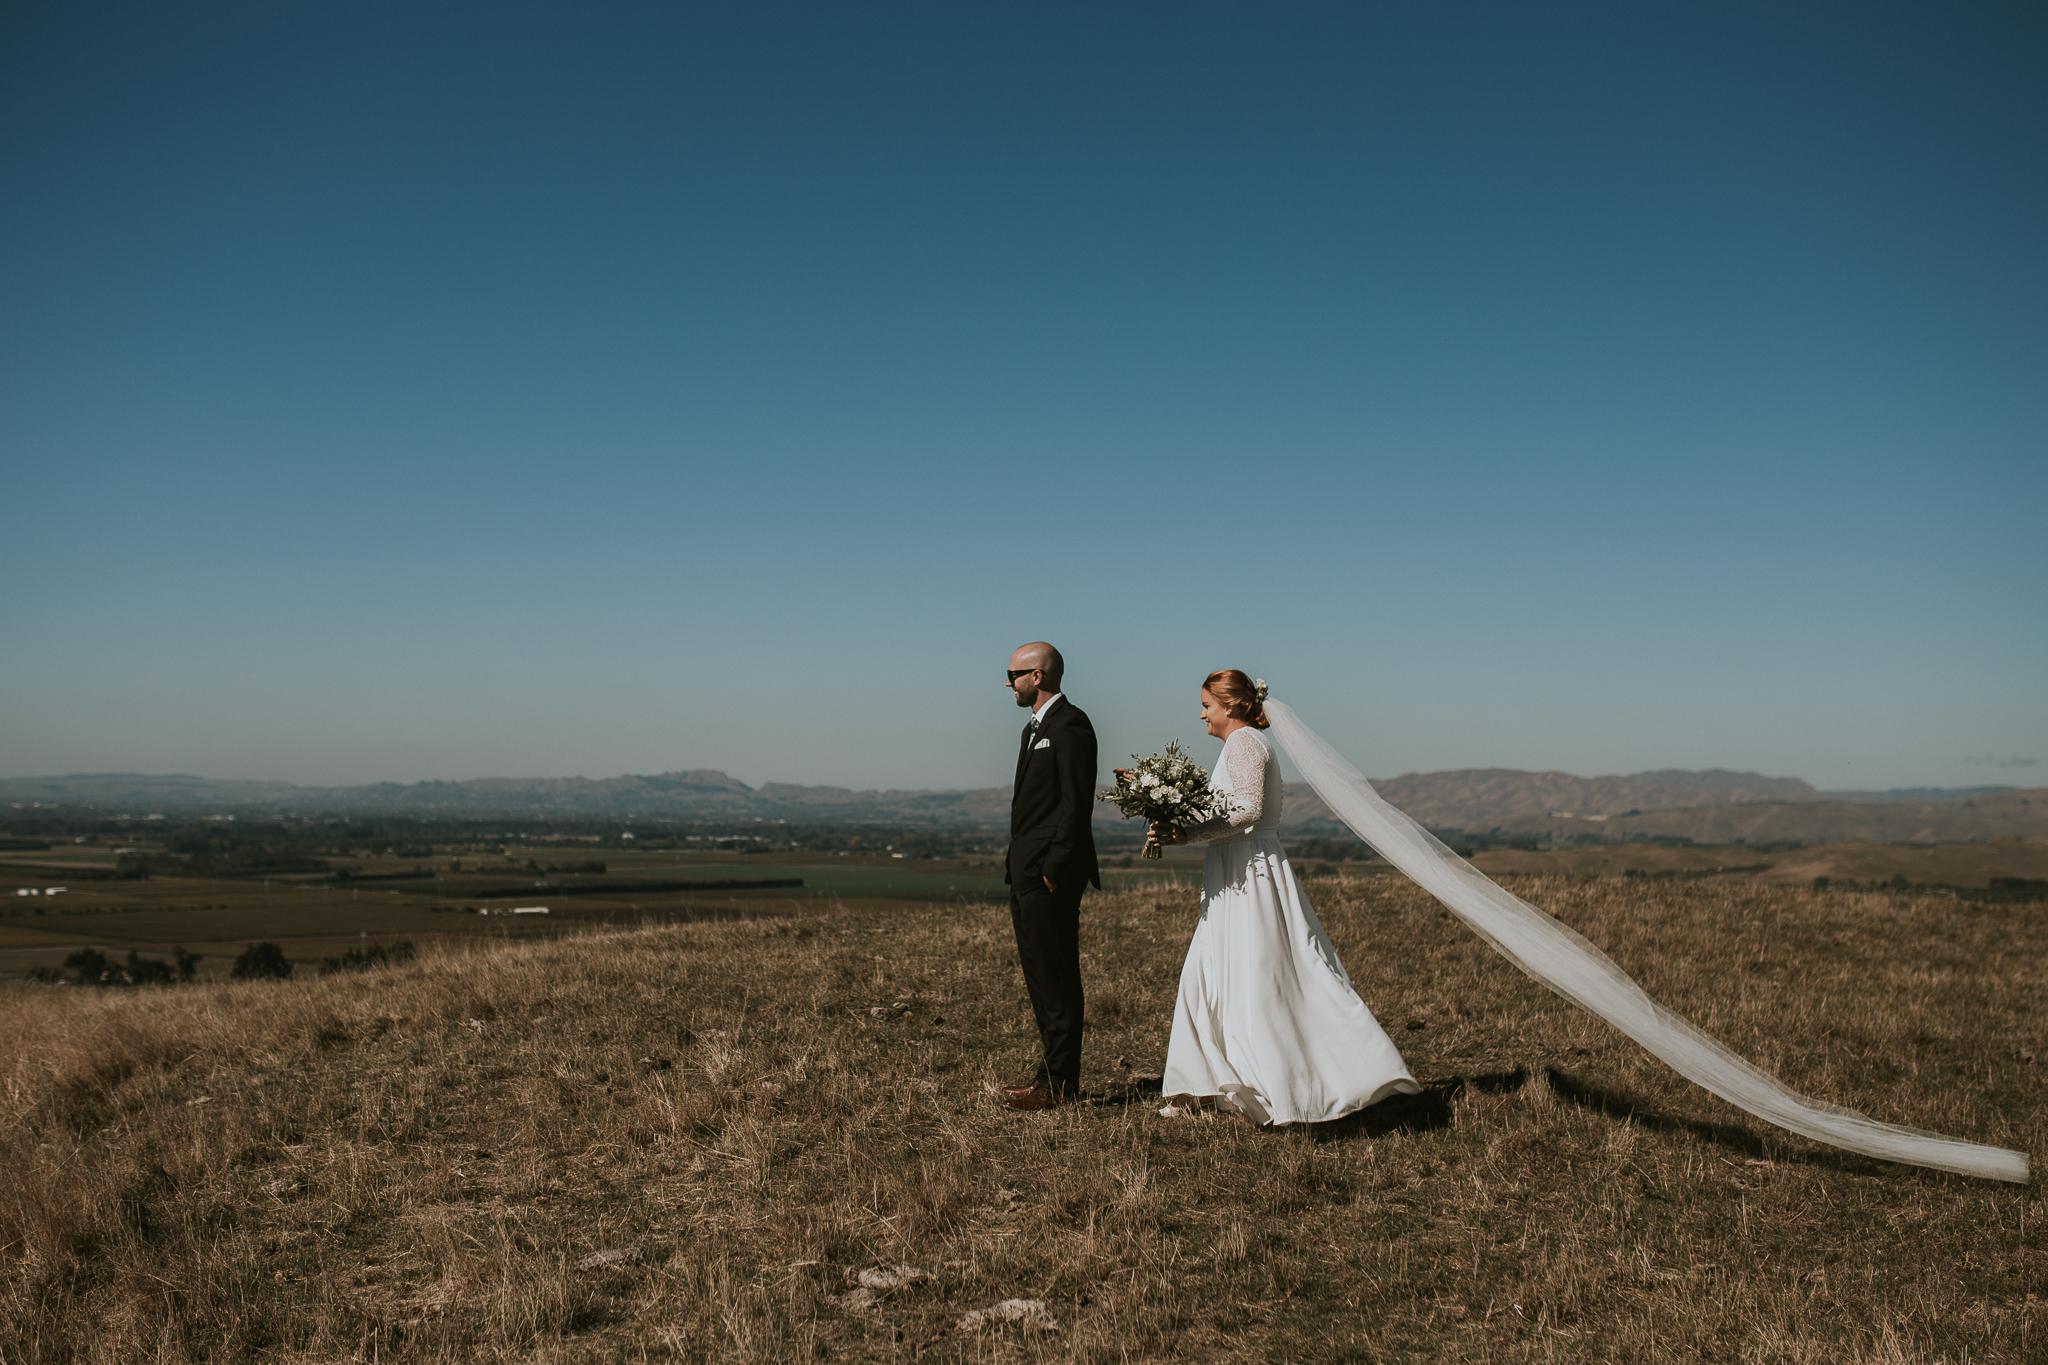 wedding photographer hawkes bay , Lisa Fisher Photography, Selini Winery Wedding -34.jpg